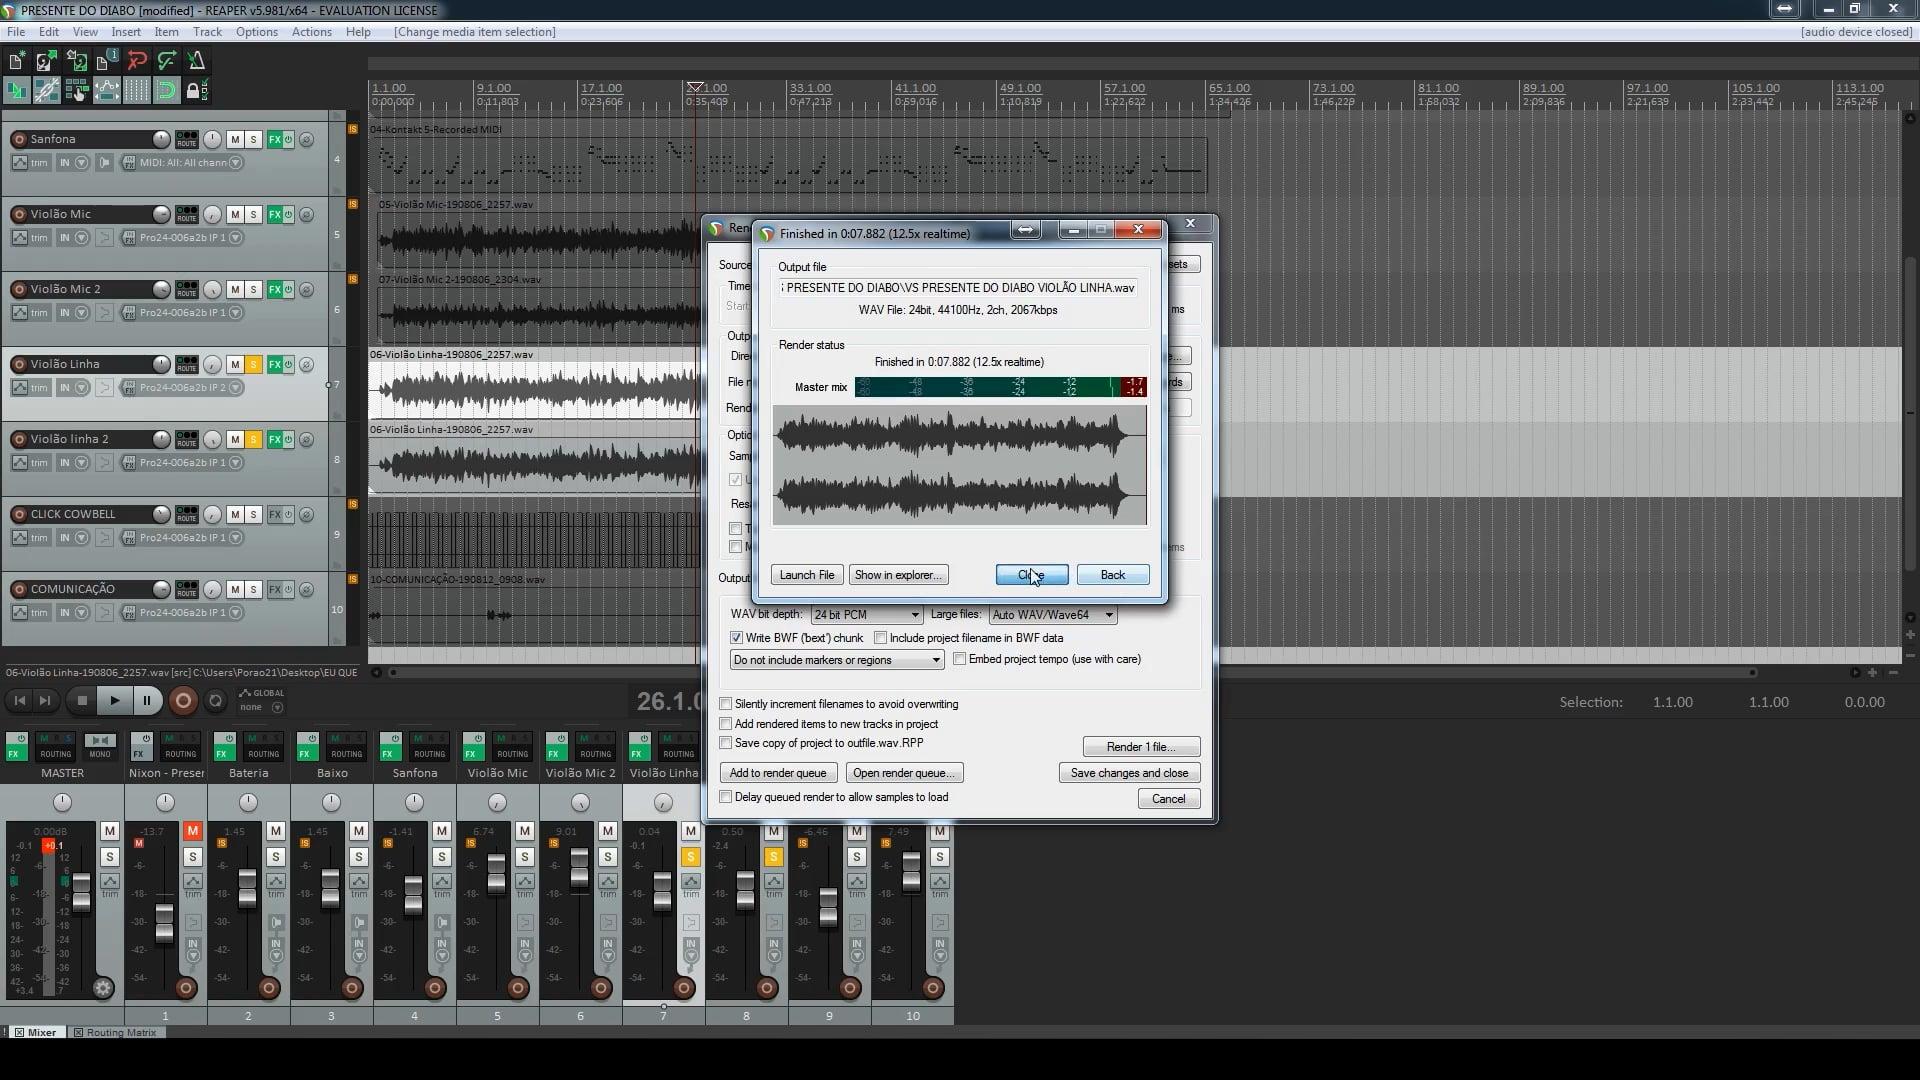 Projeto Aberto de Reprodução - Exportando Trilhas da música O presente do Diabo